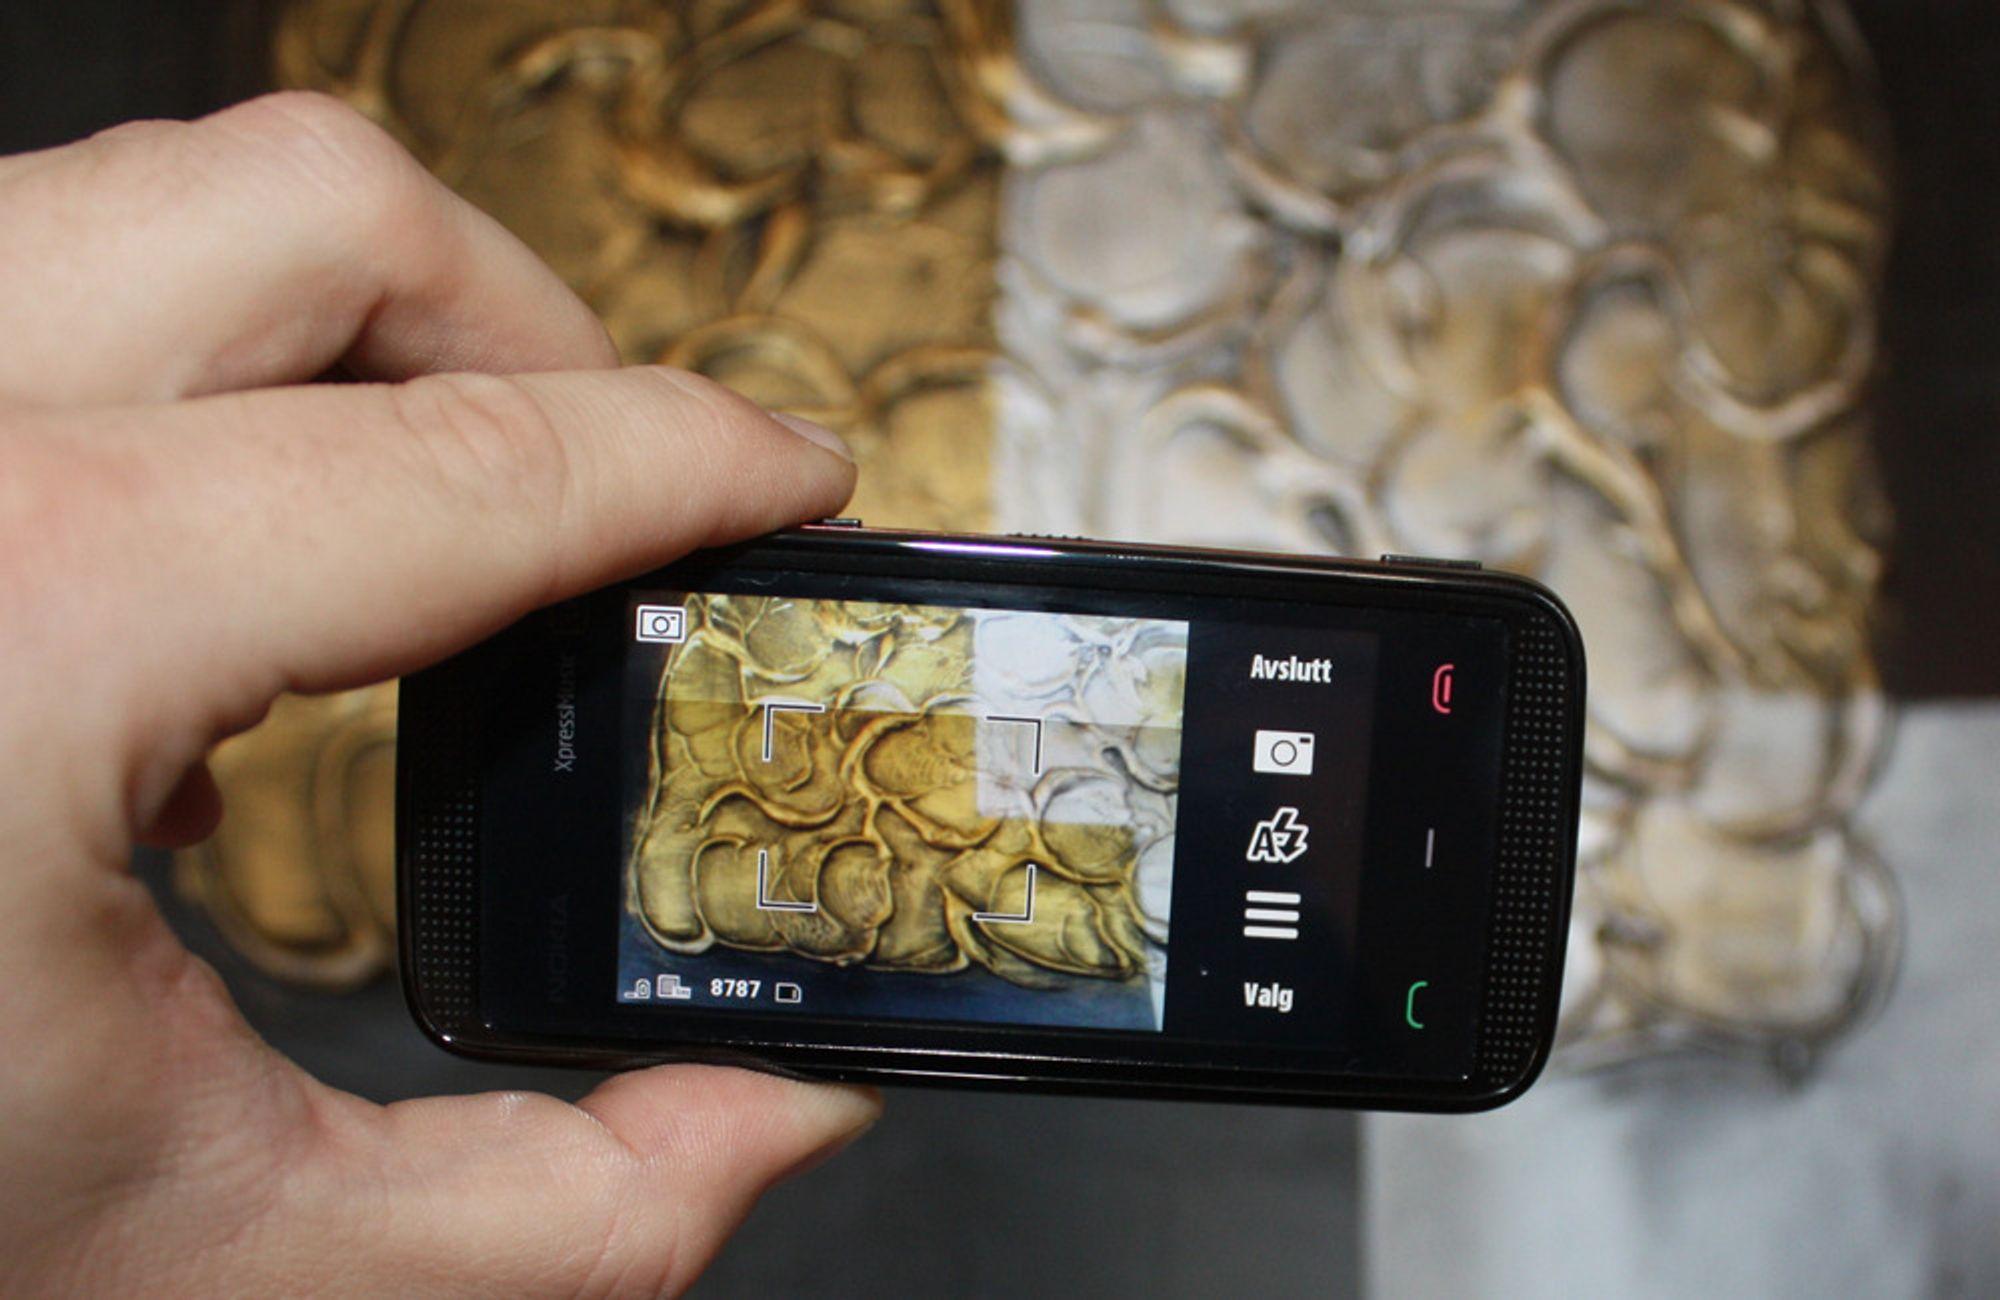 Slik blogger du med mobilen